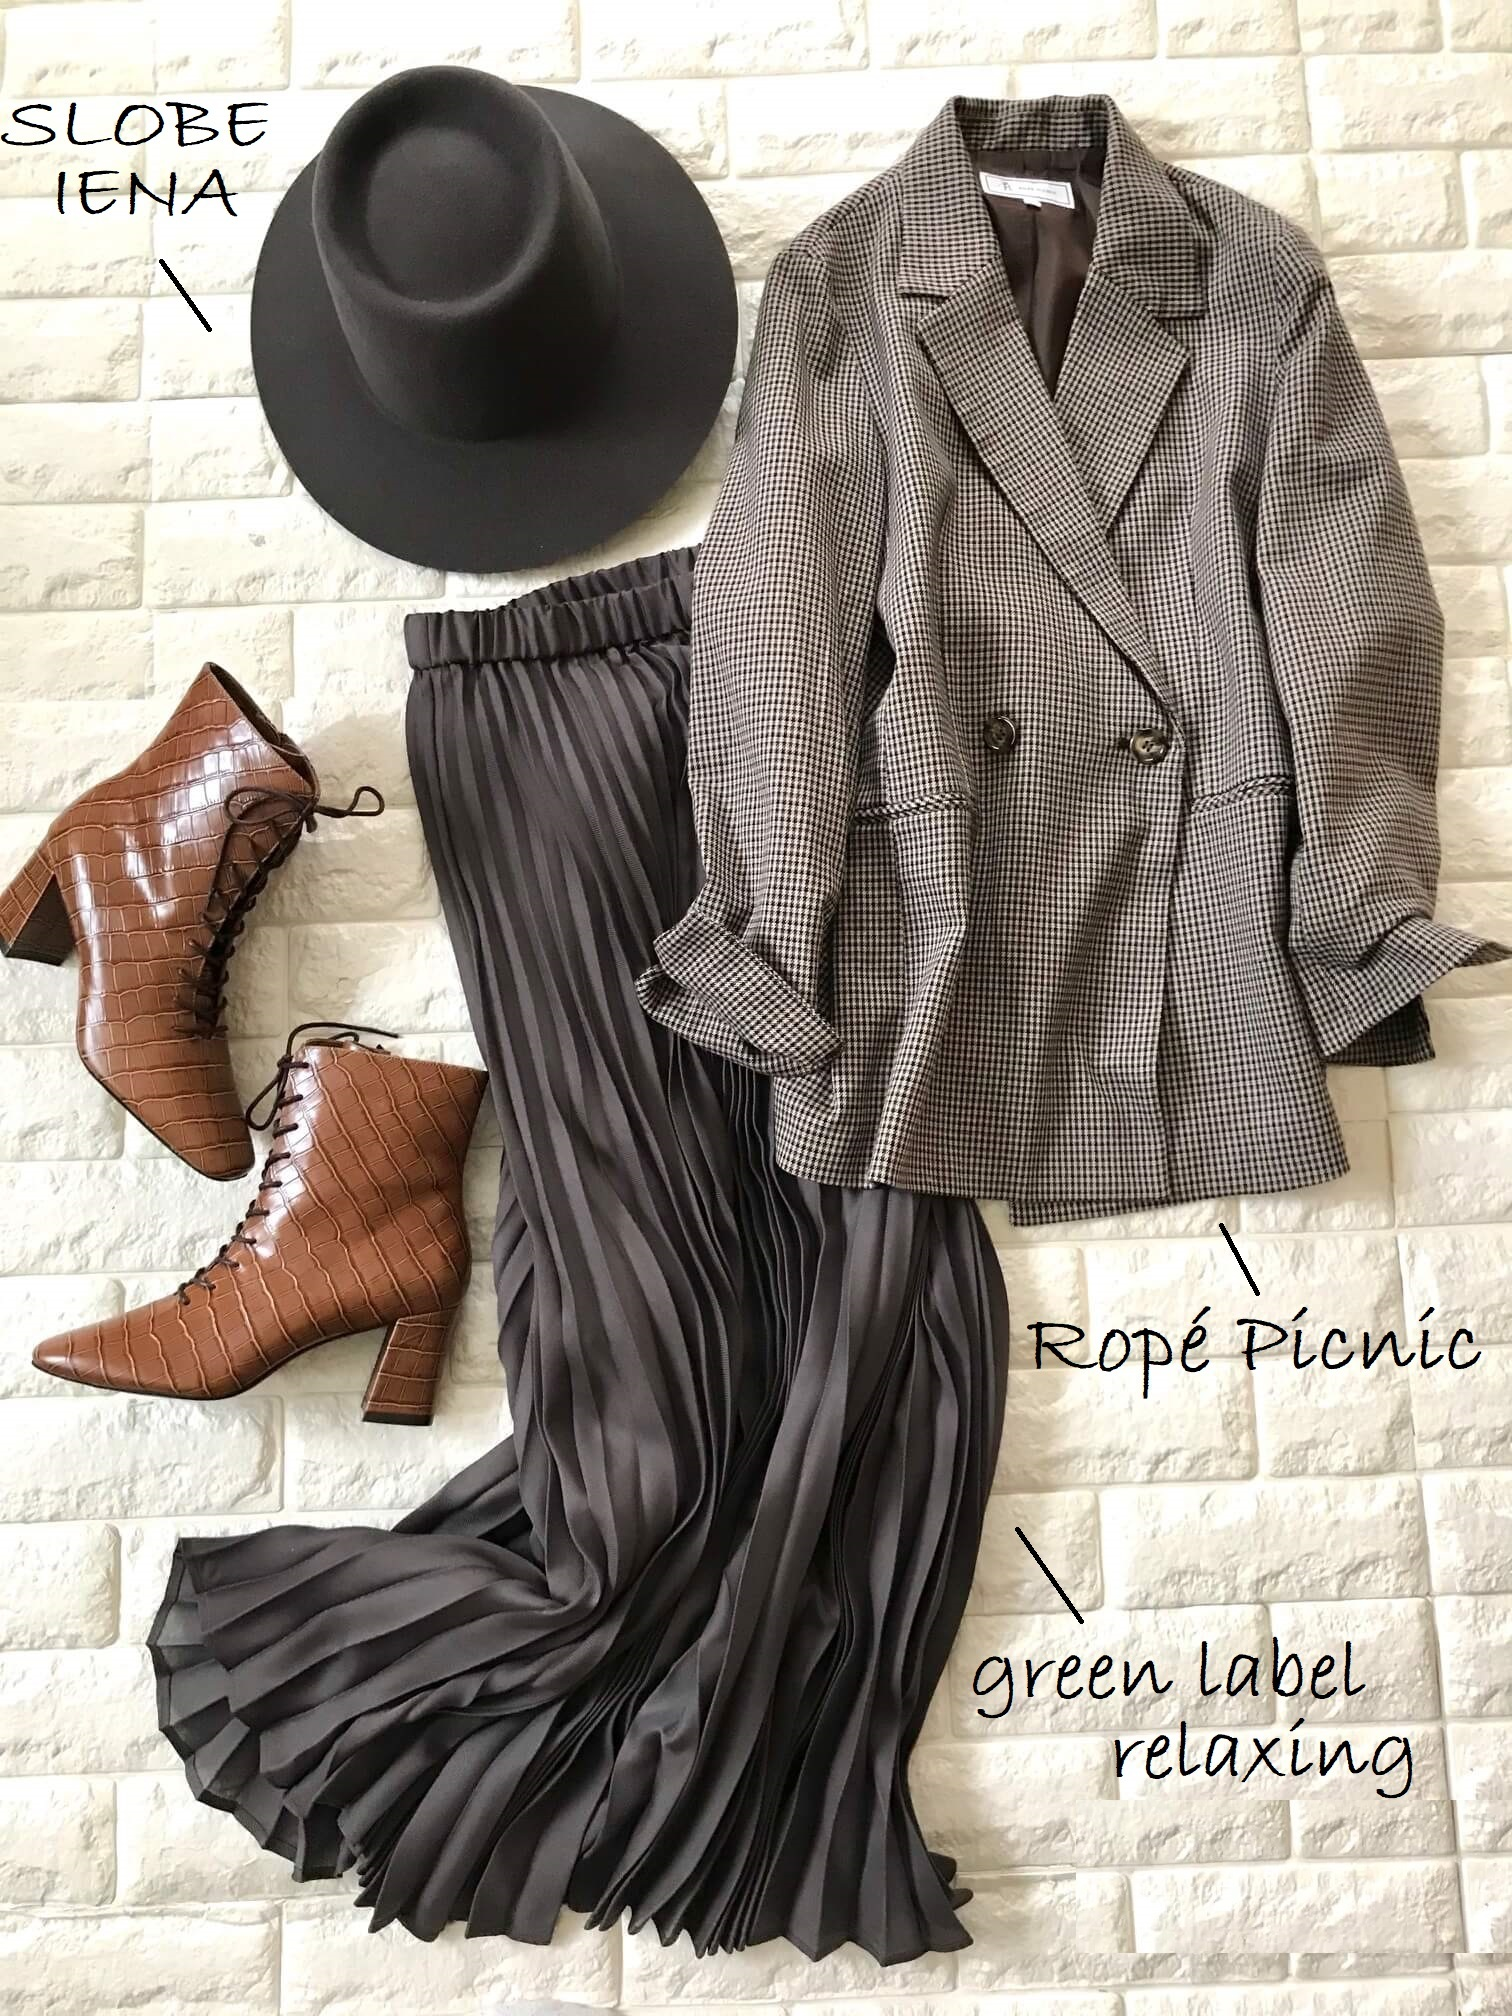 ダニエラ&ジェマのブーツとジャケットを合わせたコーデ